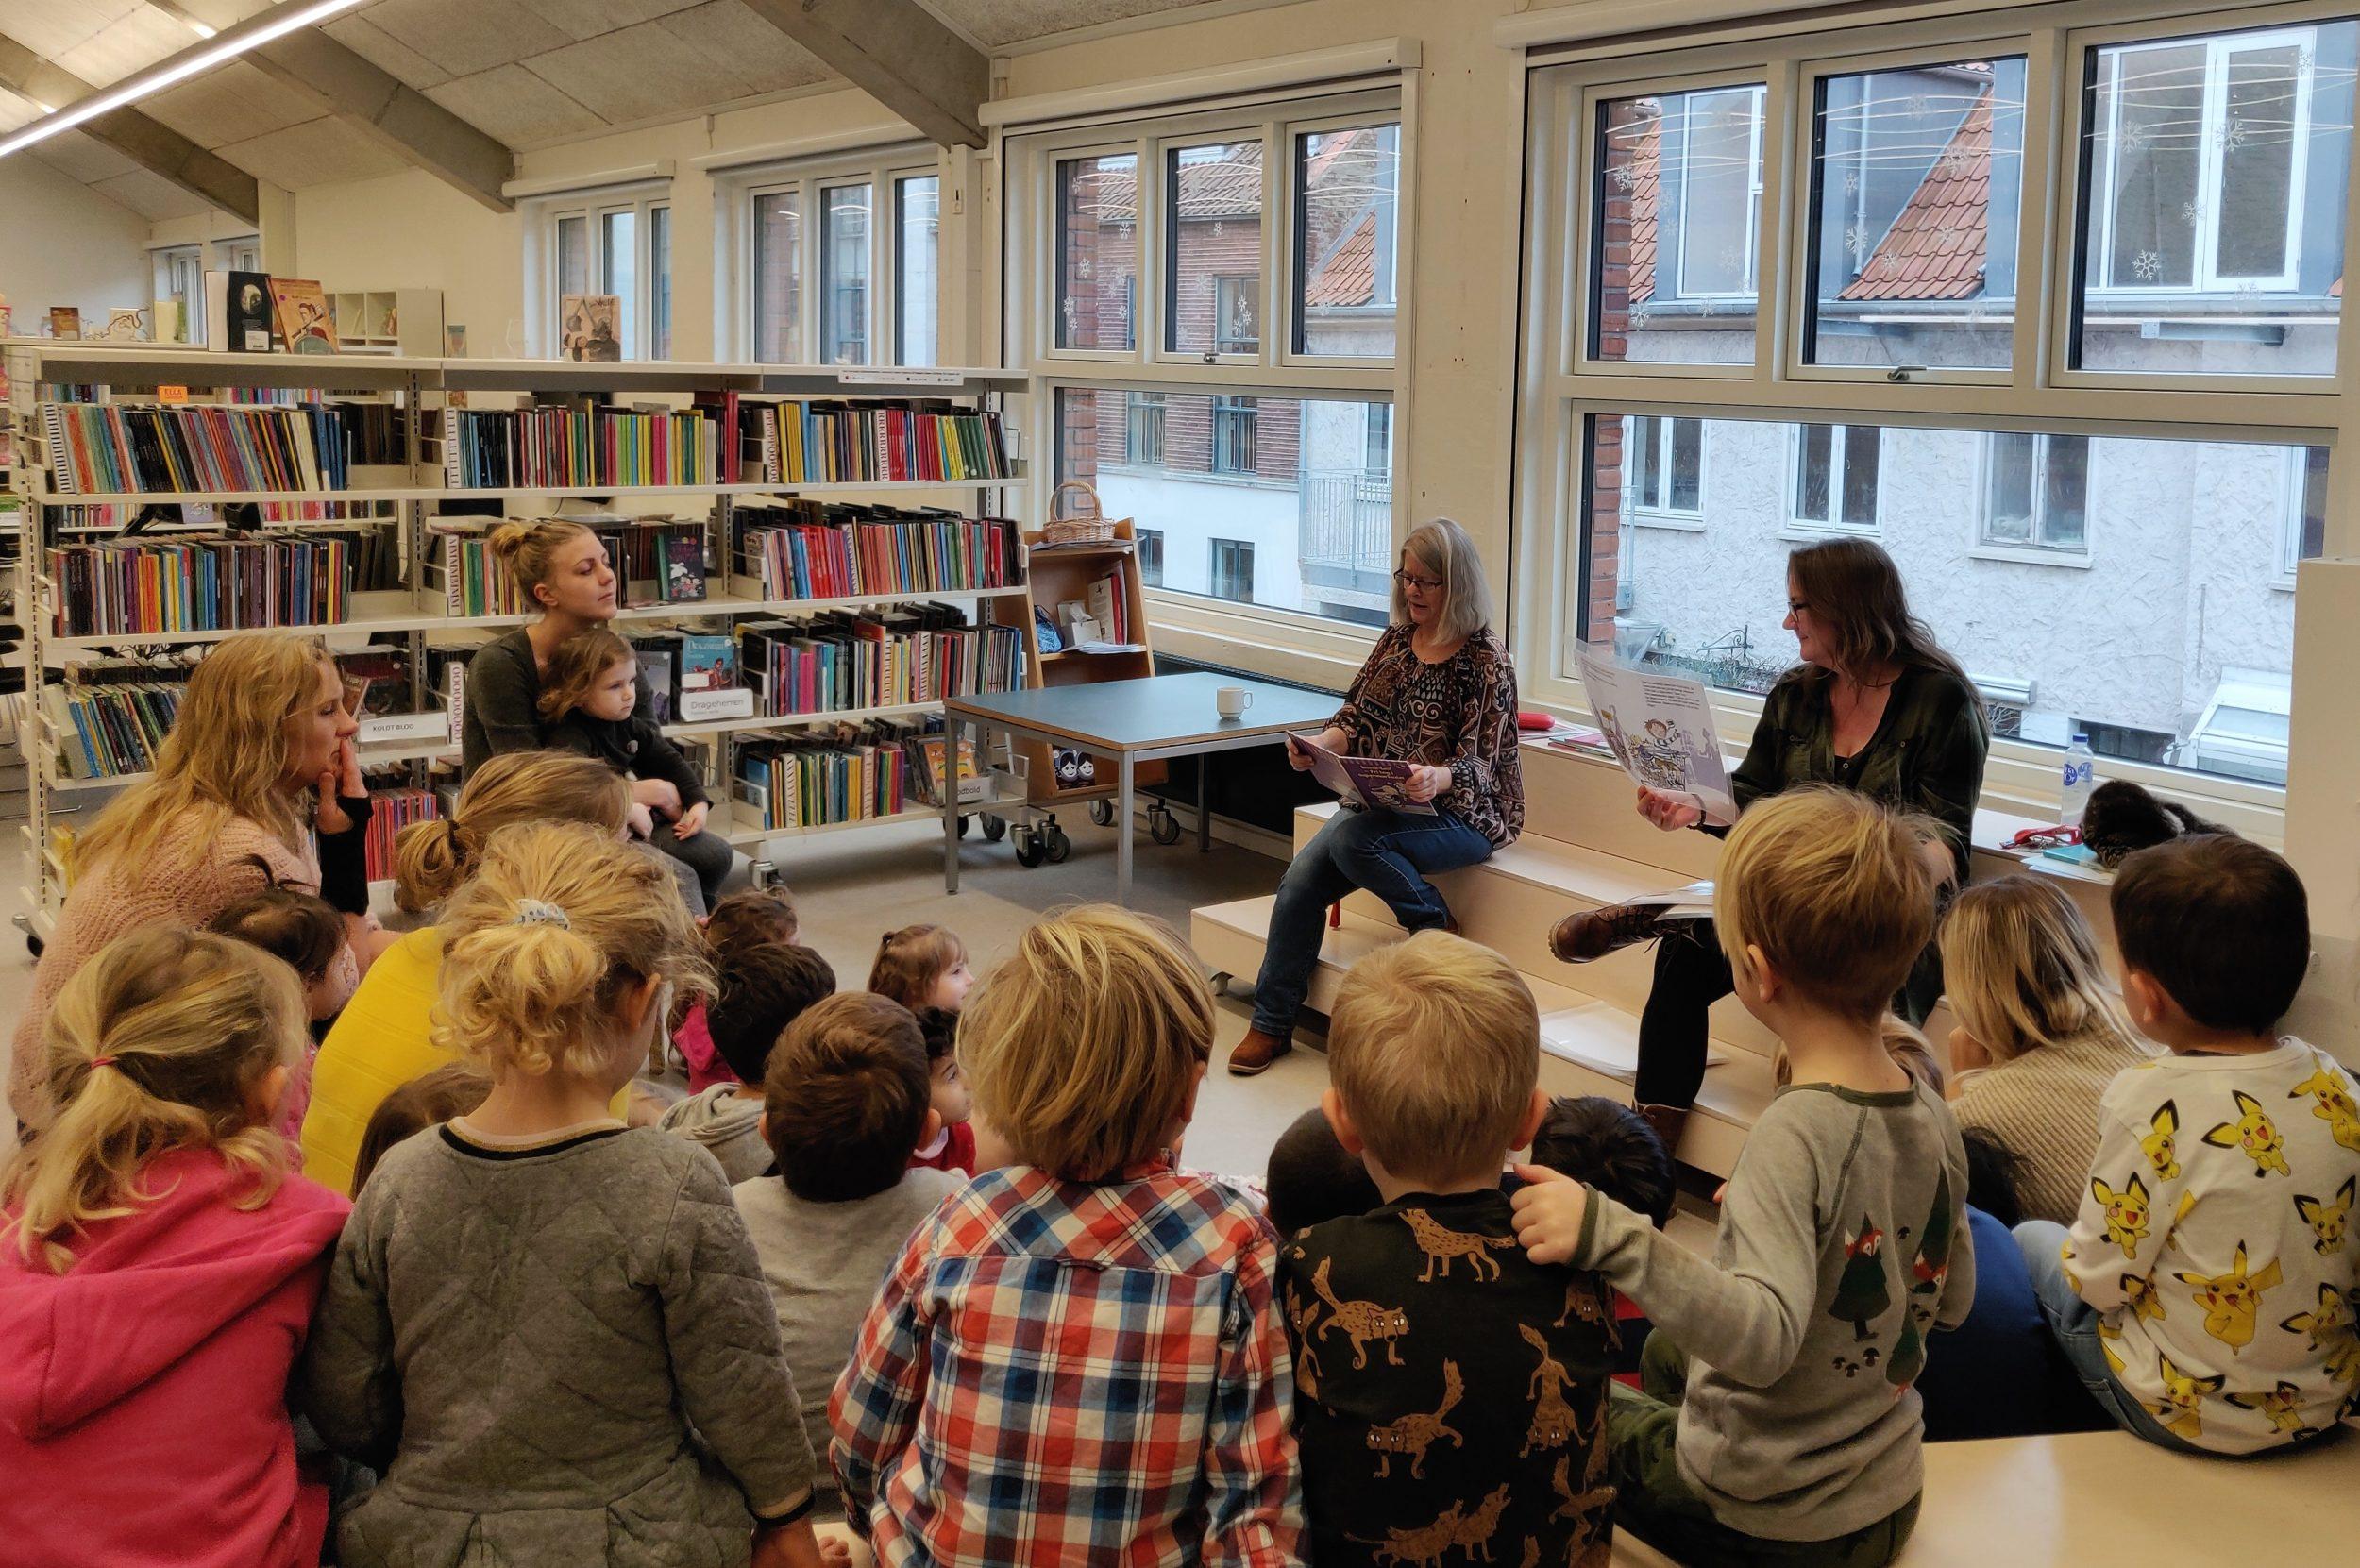 Foto: Slagelse Biblioteker & Borgerservice